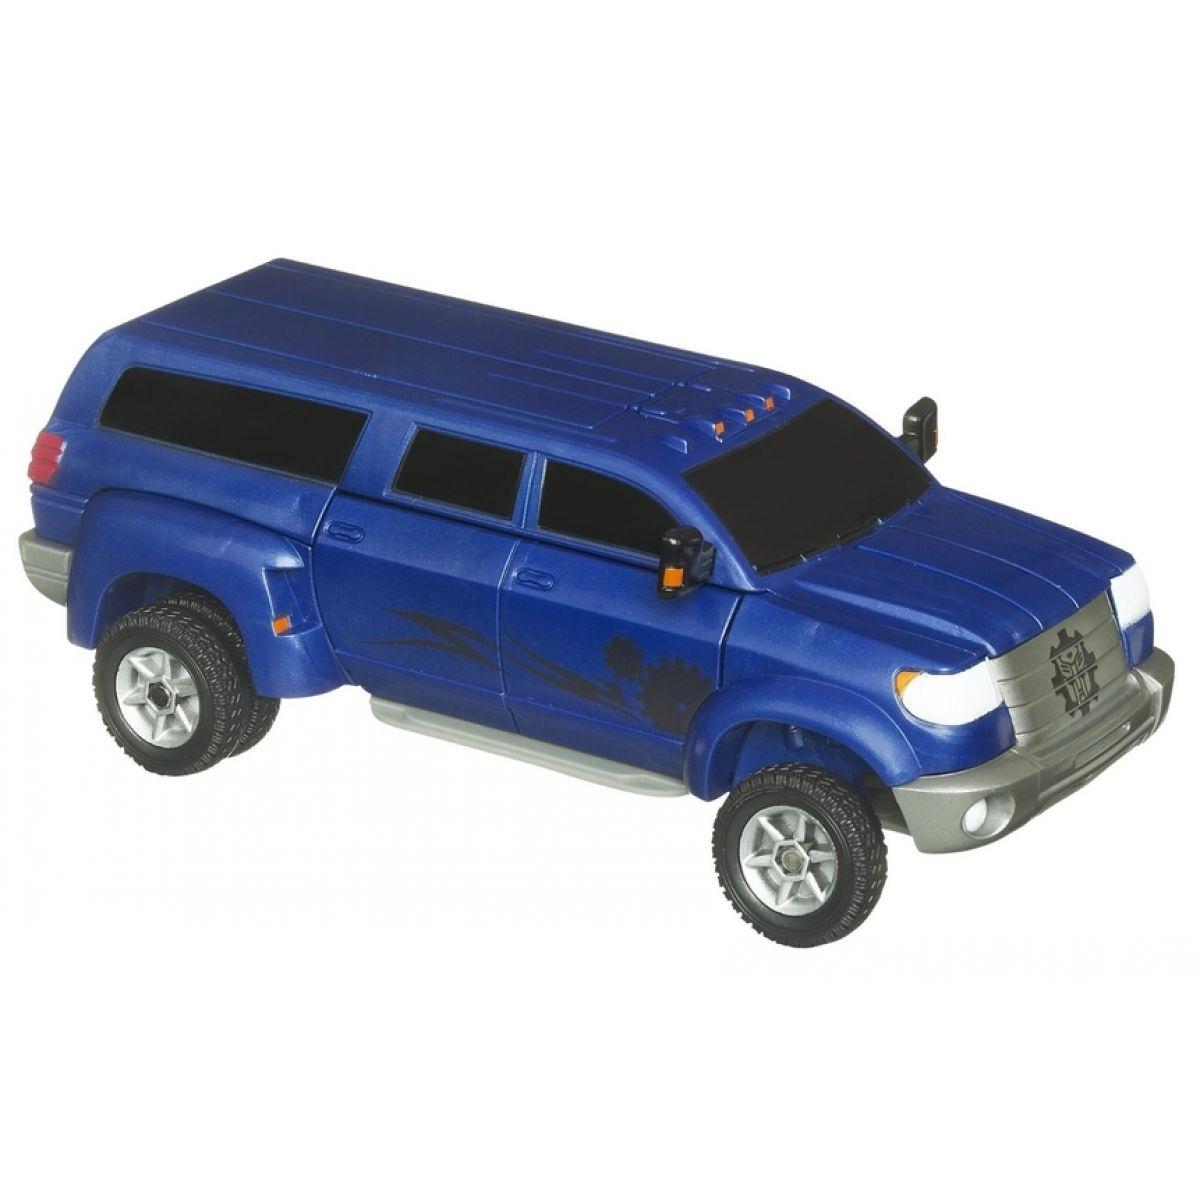 Transformers částečně transforumující se auta - Autobot Gears